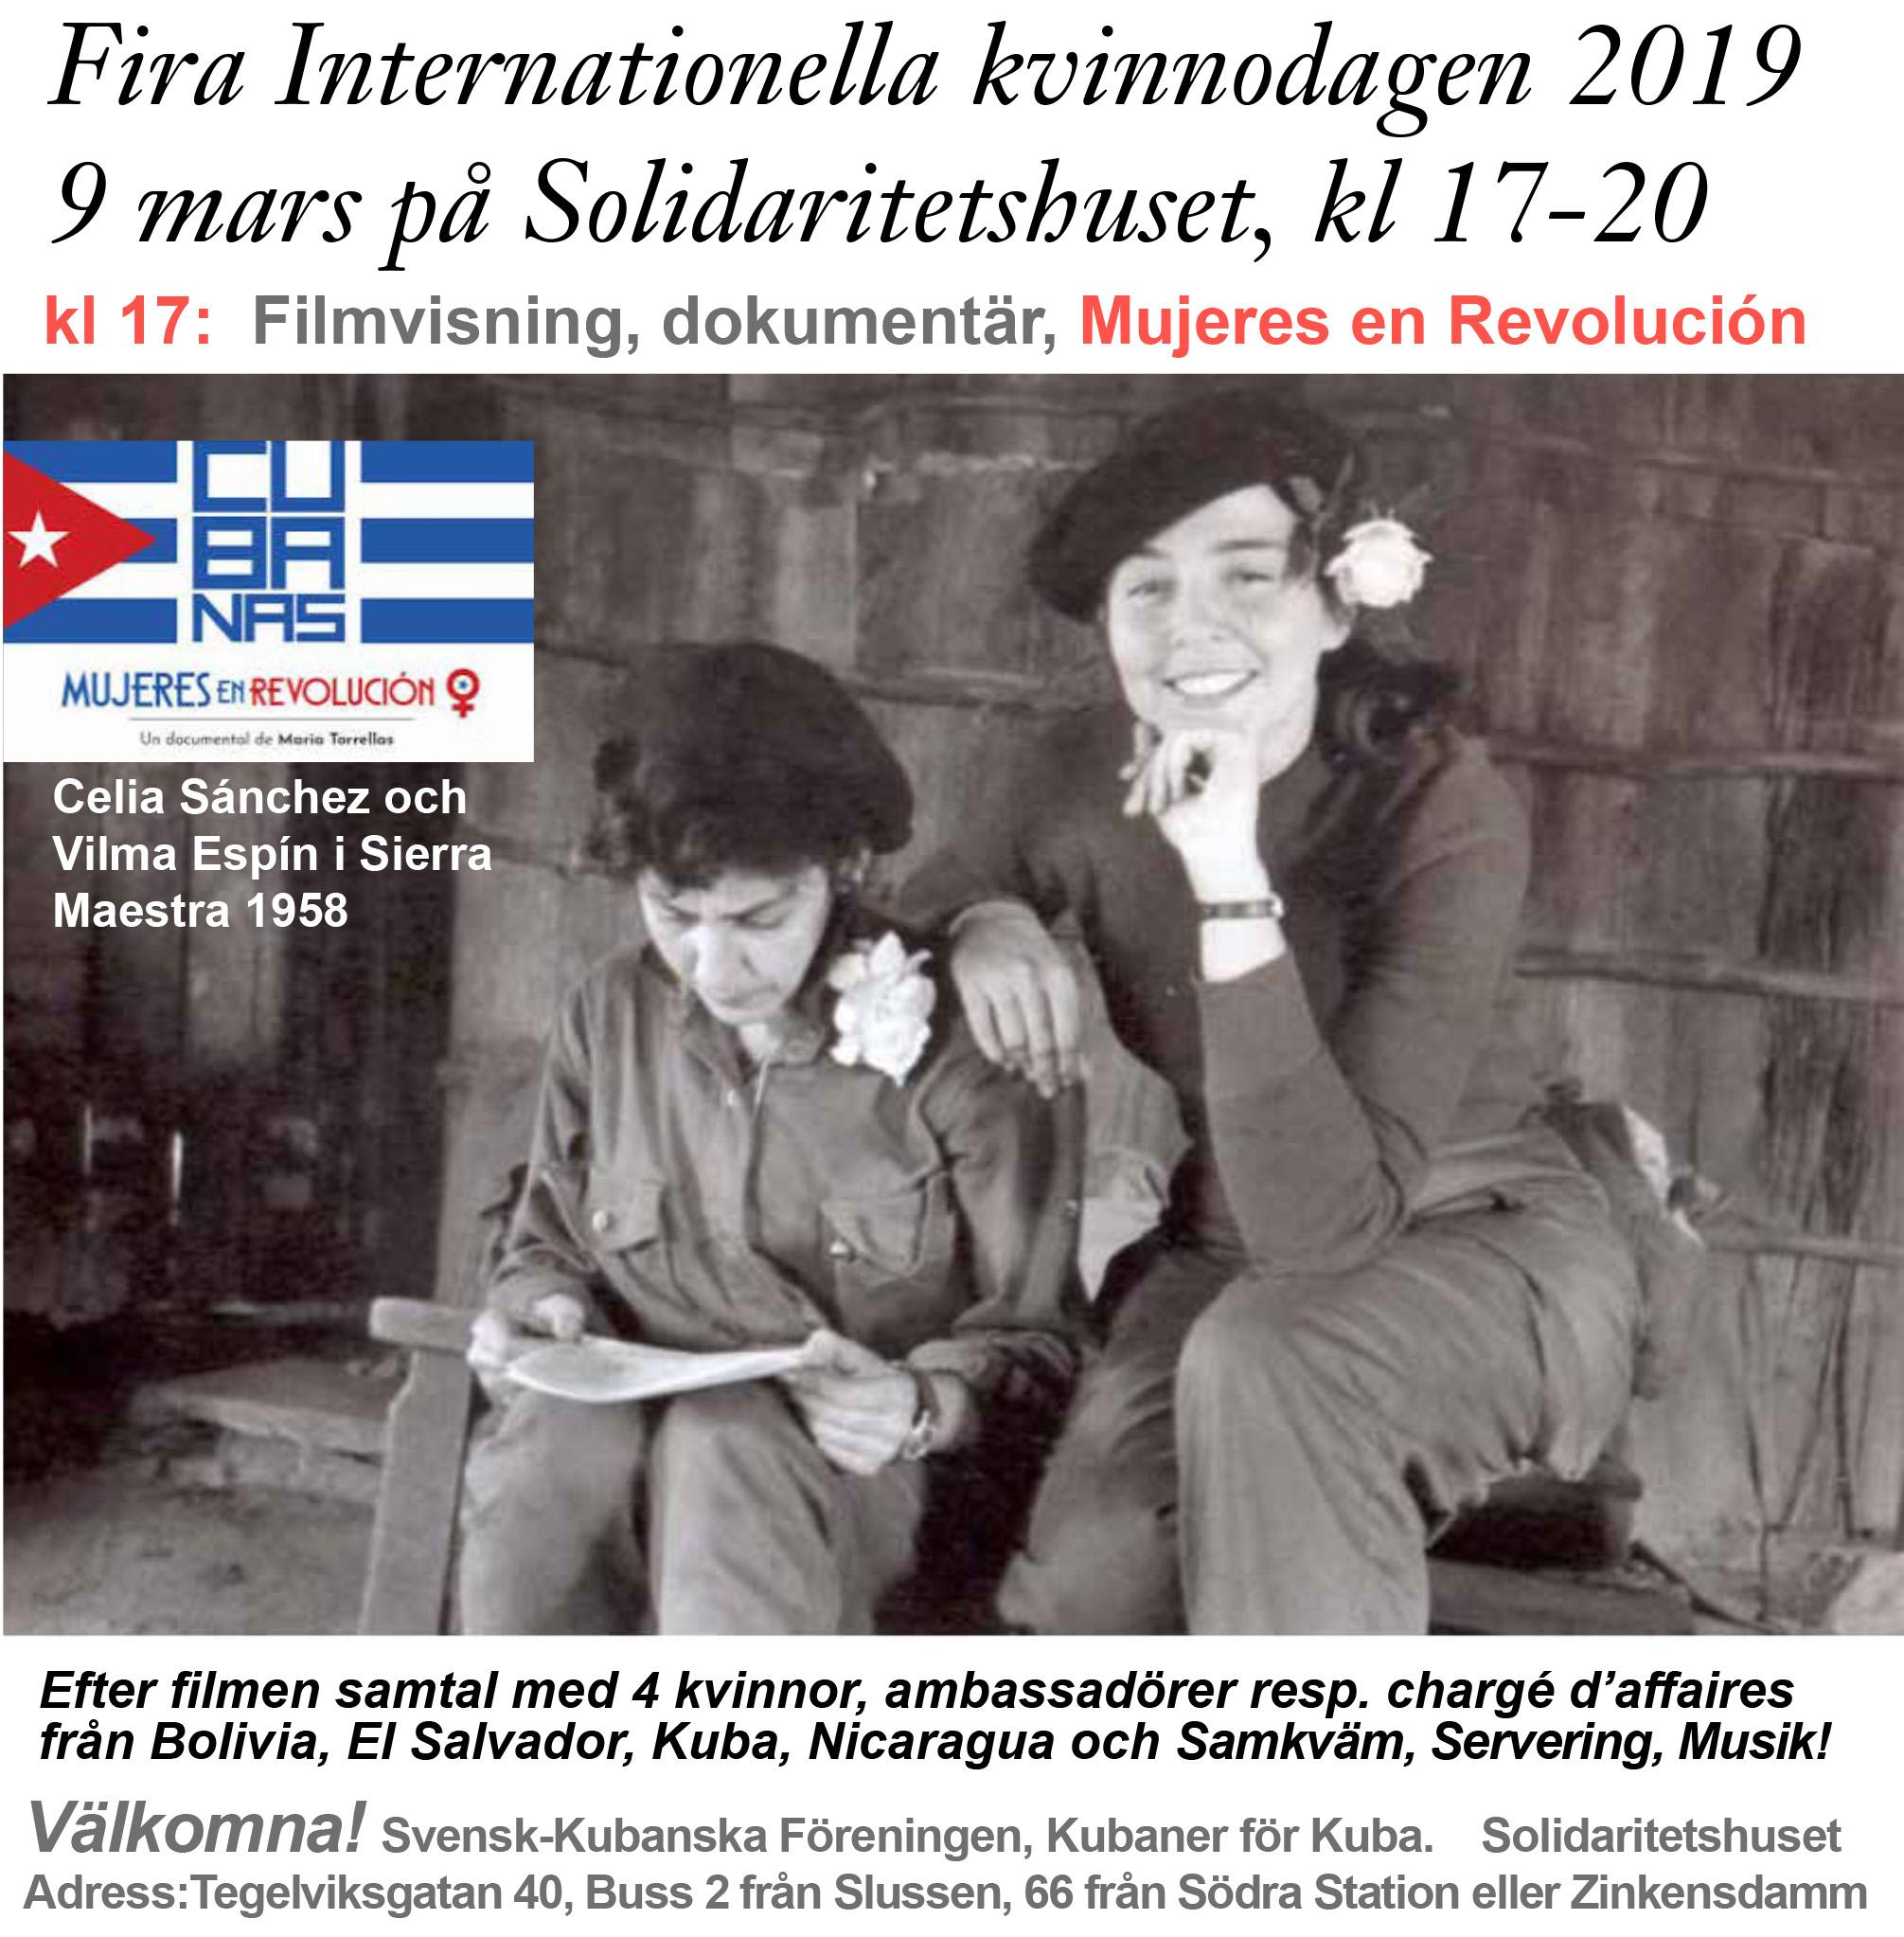 annons & affsich sthlm Kvinnodagen 2019